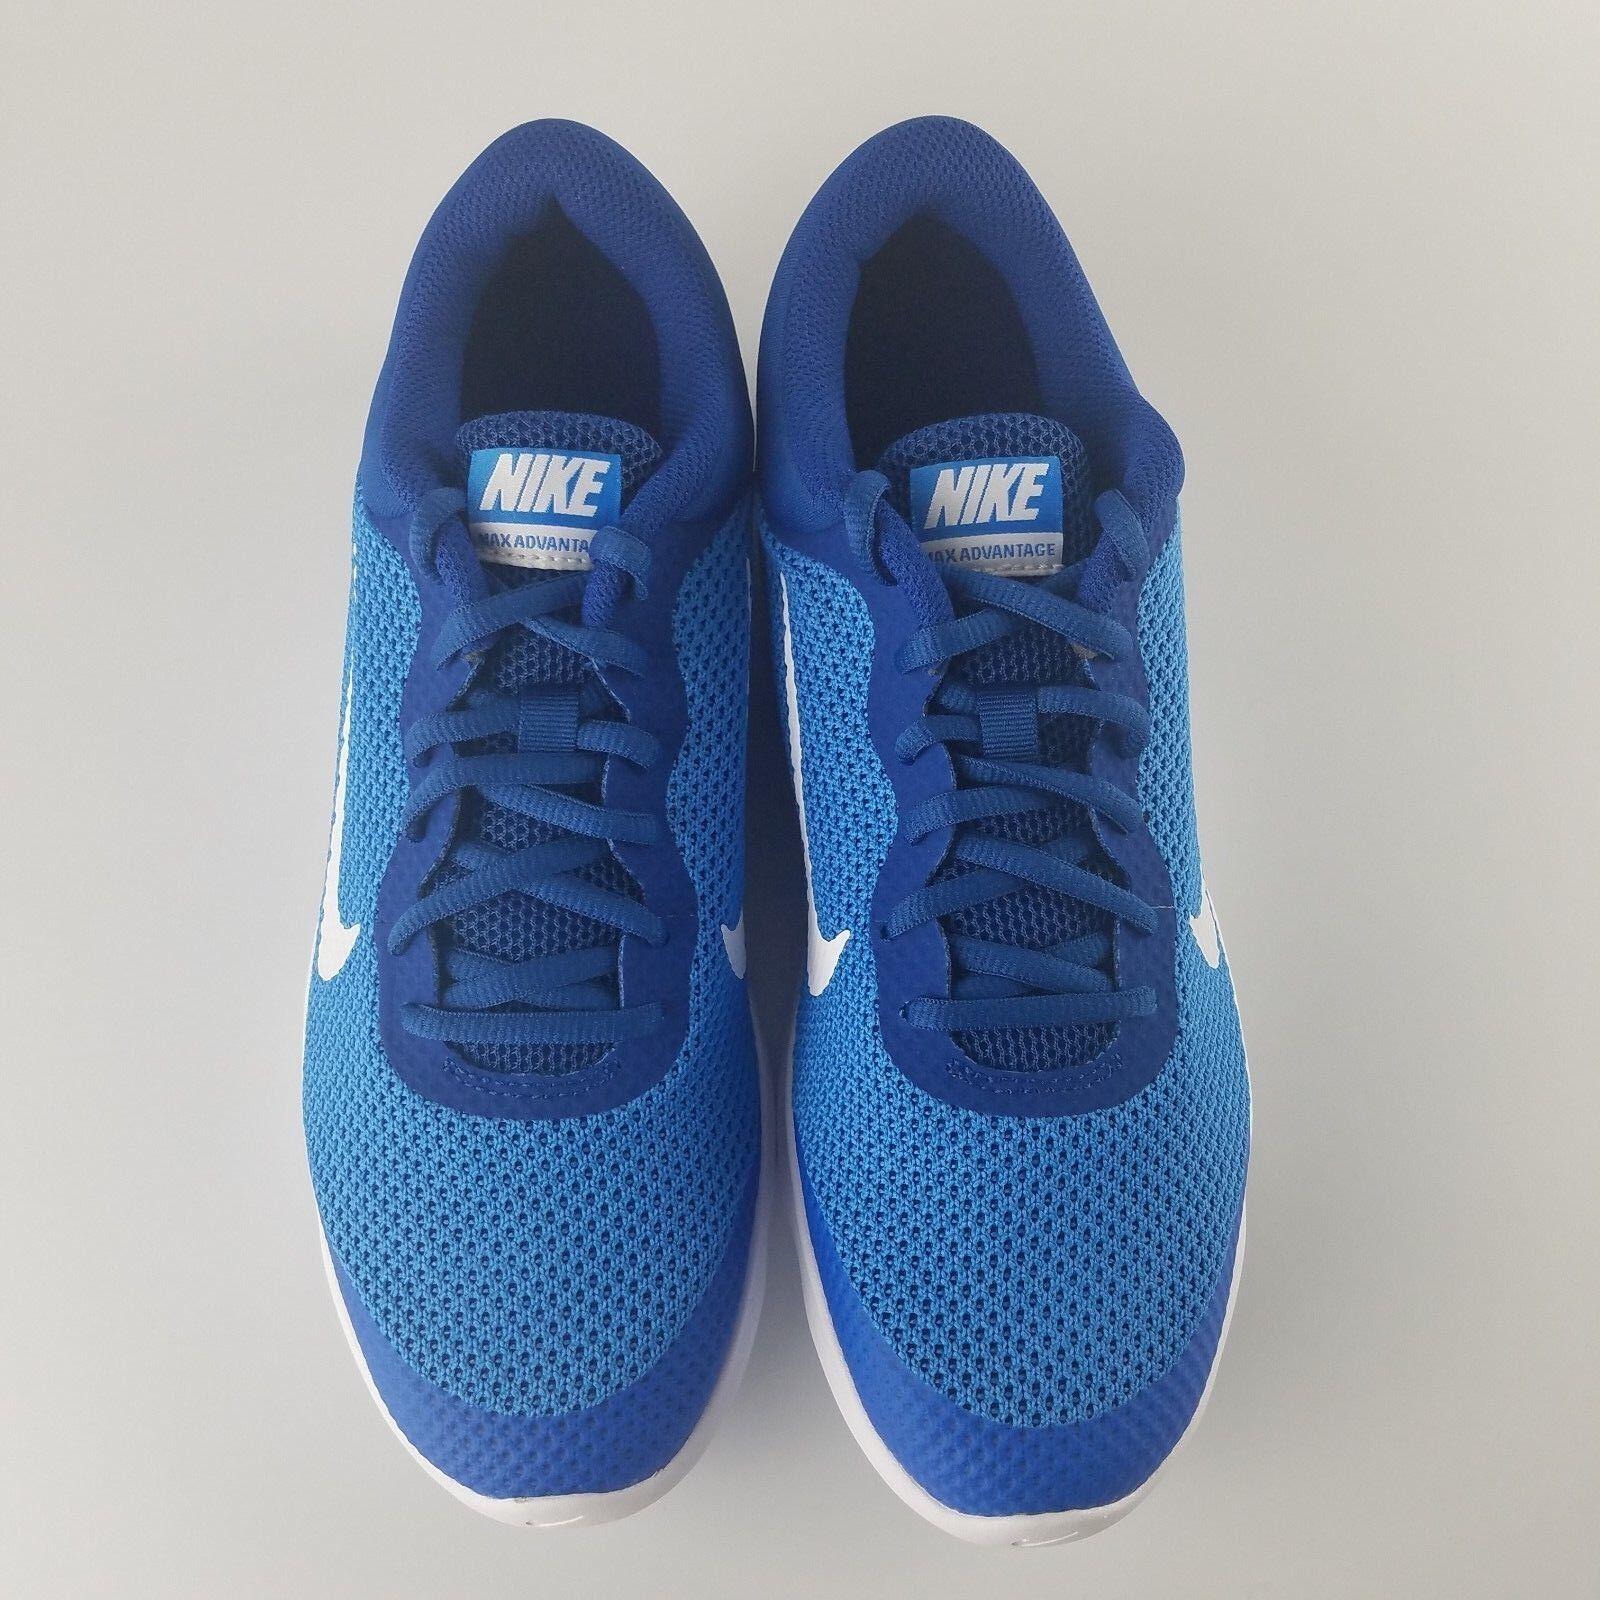 super popular 5577c 90127 Boy s Nike Air Max Advantage GS Running Shoes Sz 884524 4.5y 5.5y 7y 7 for  sale online   eBay